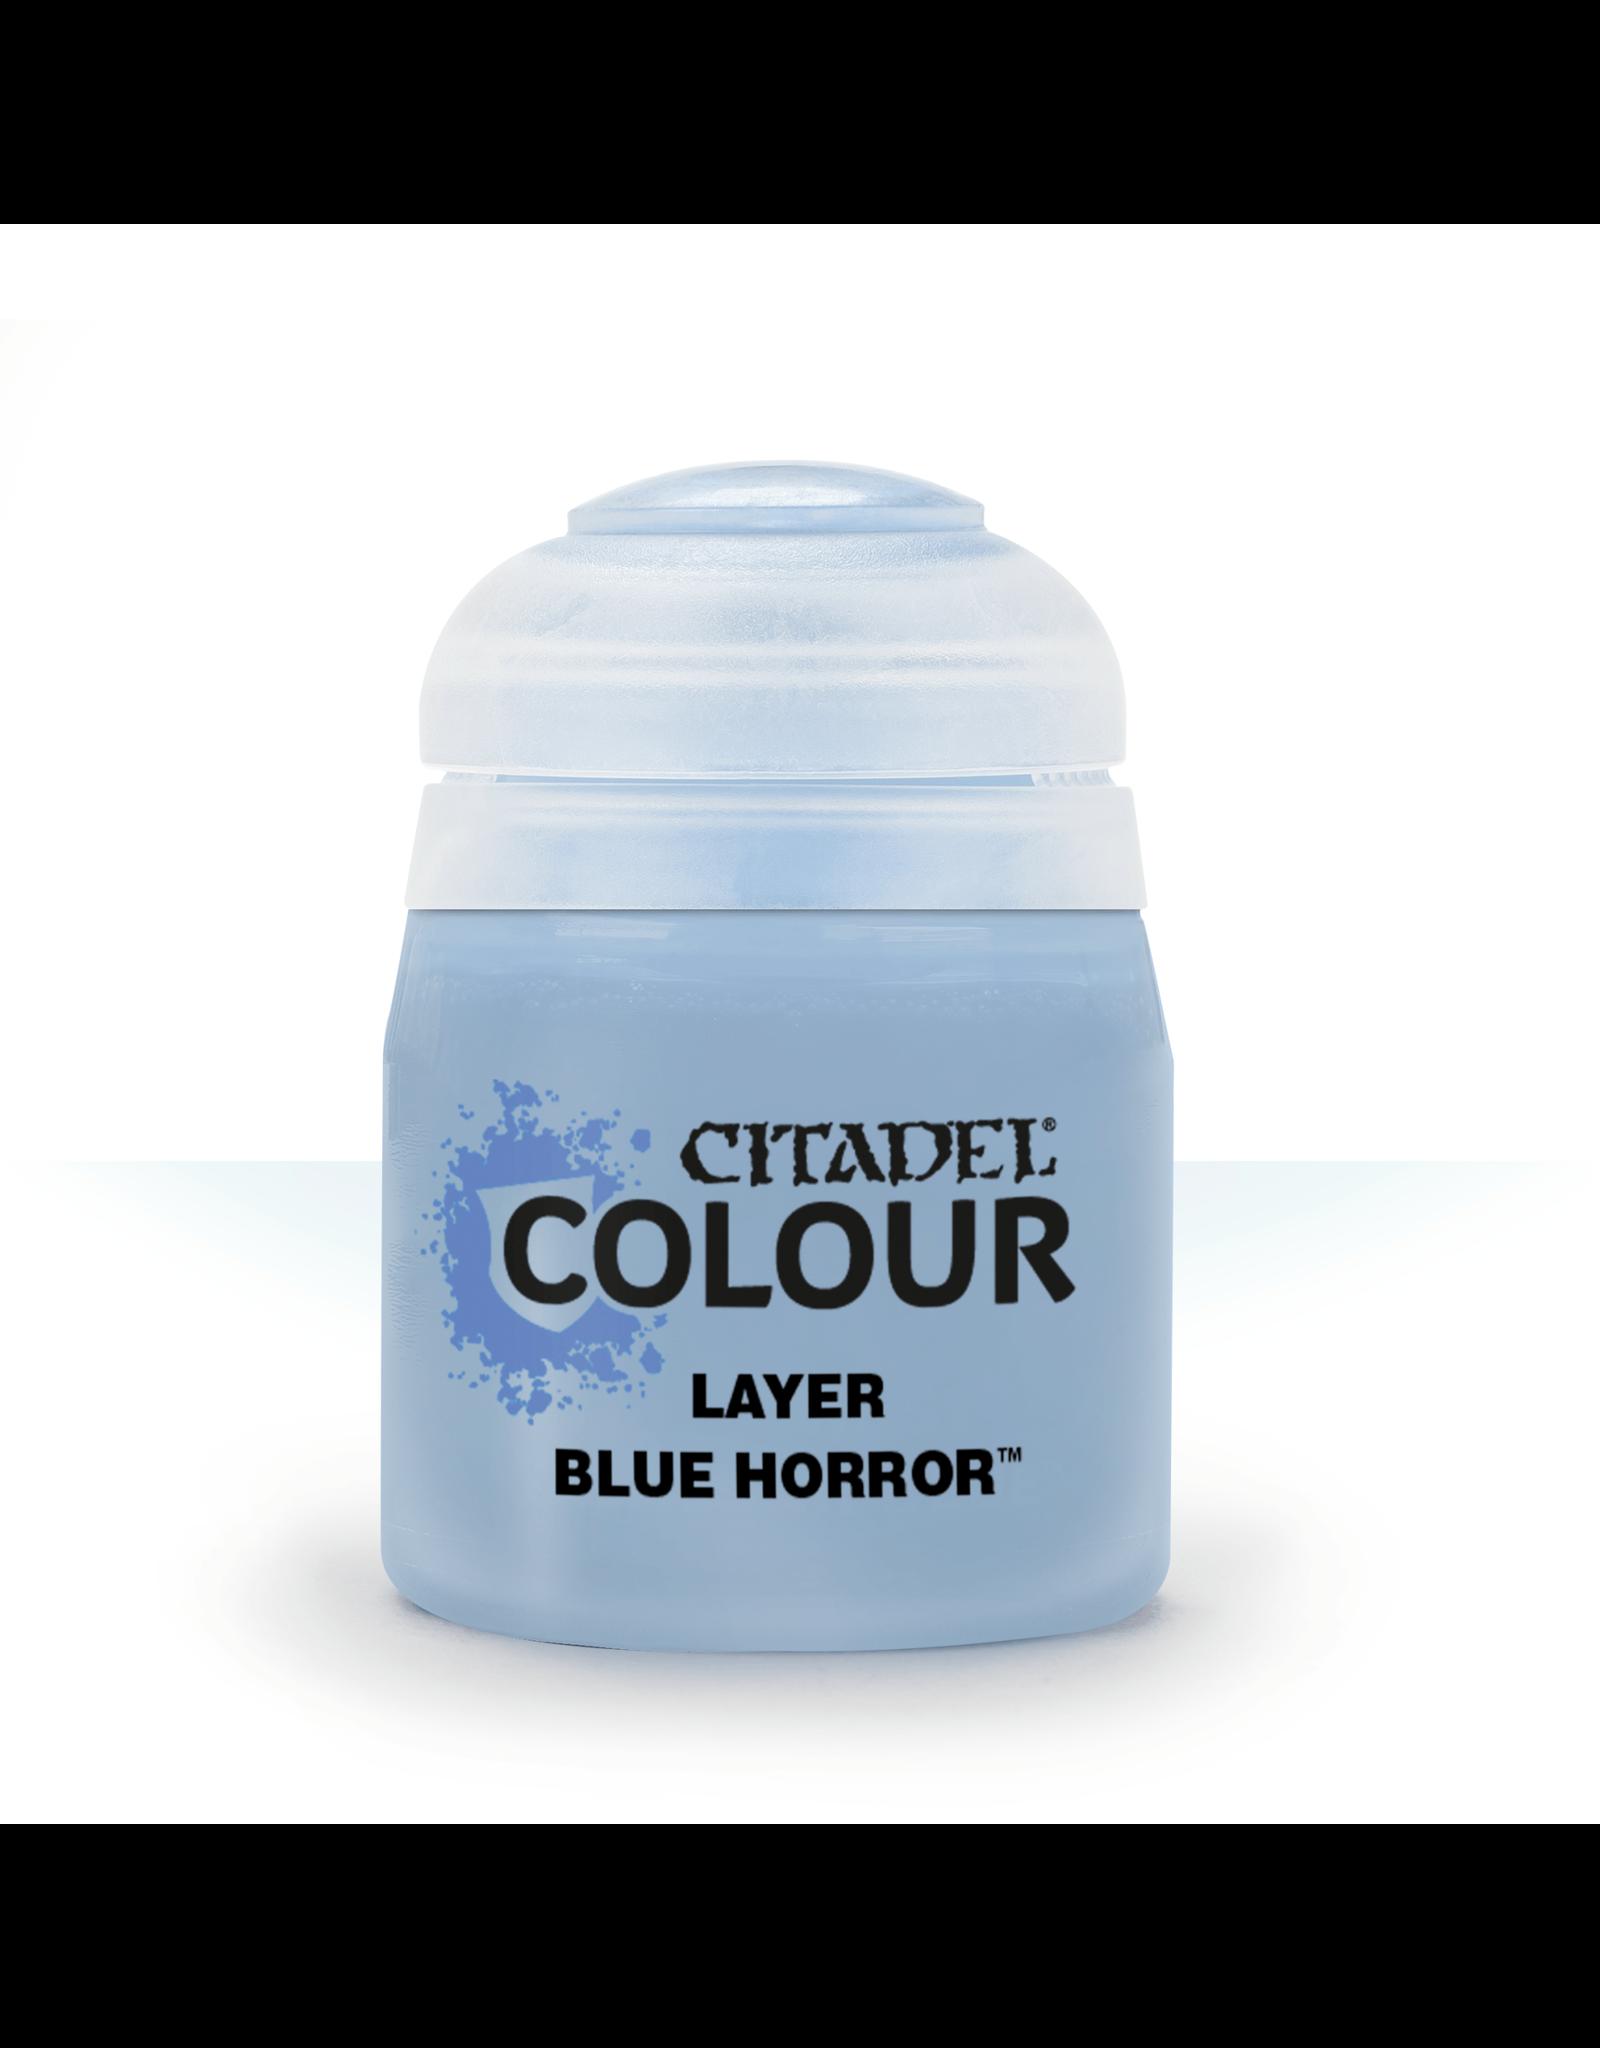 Citadel Blue Horror